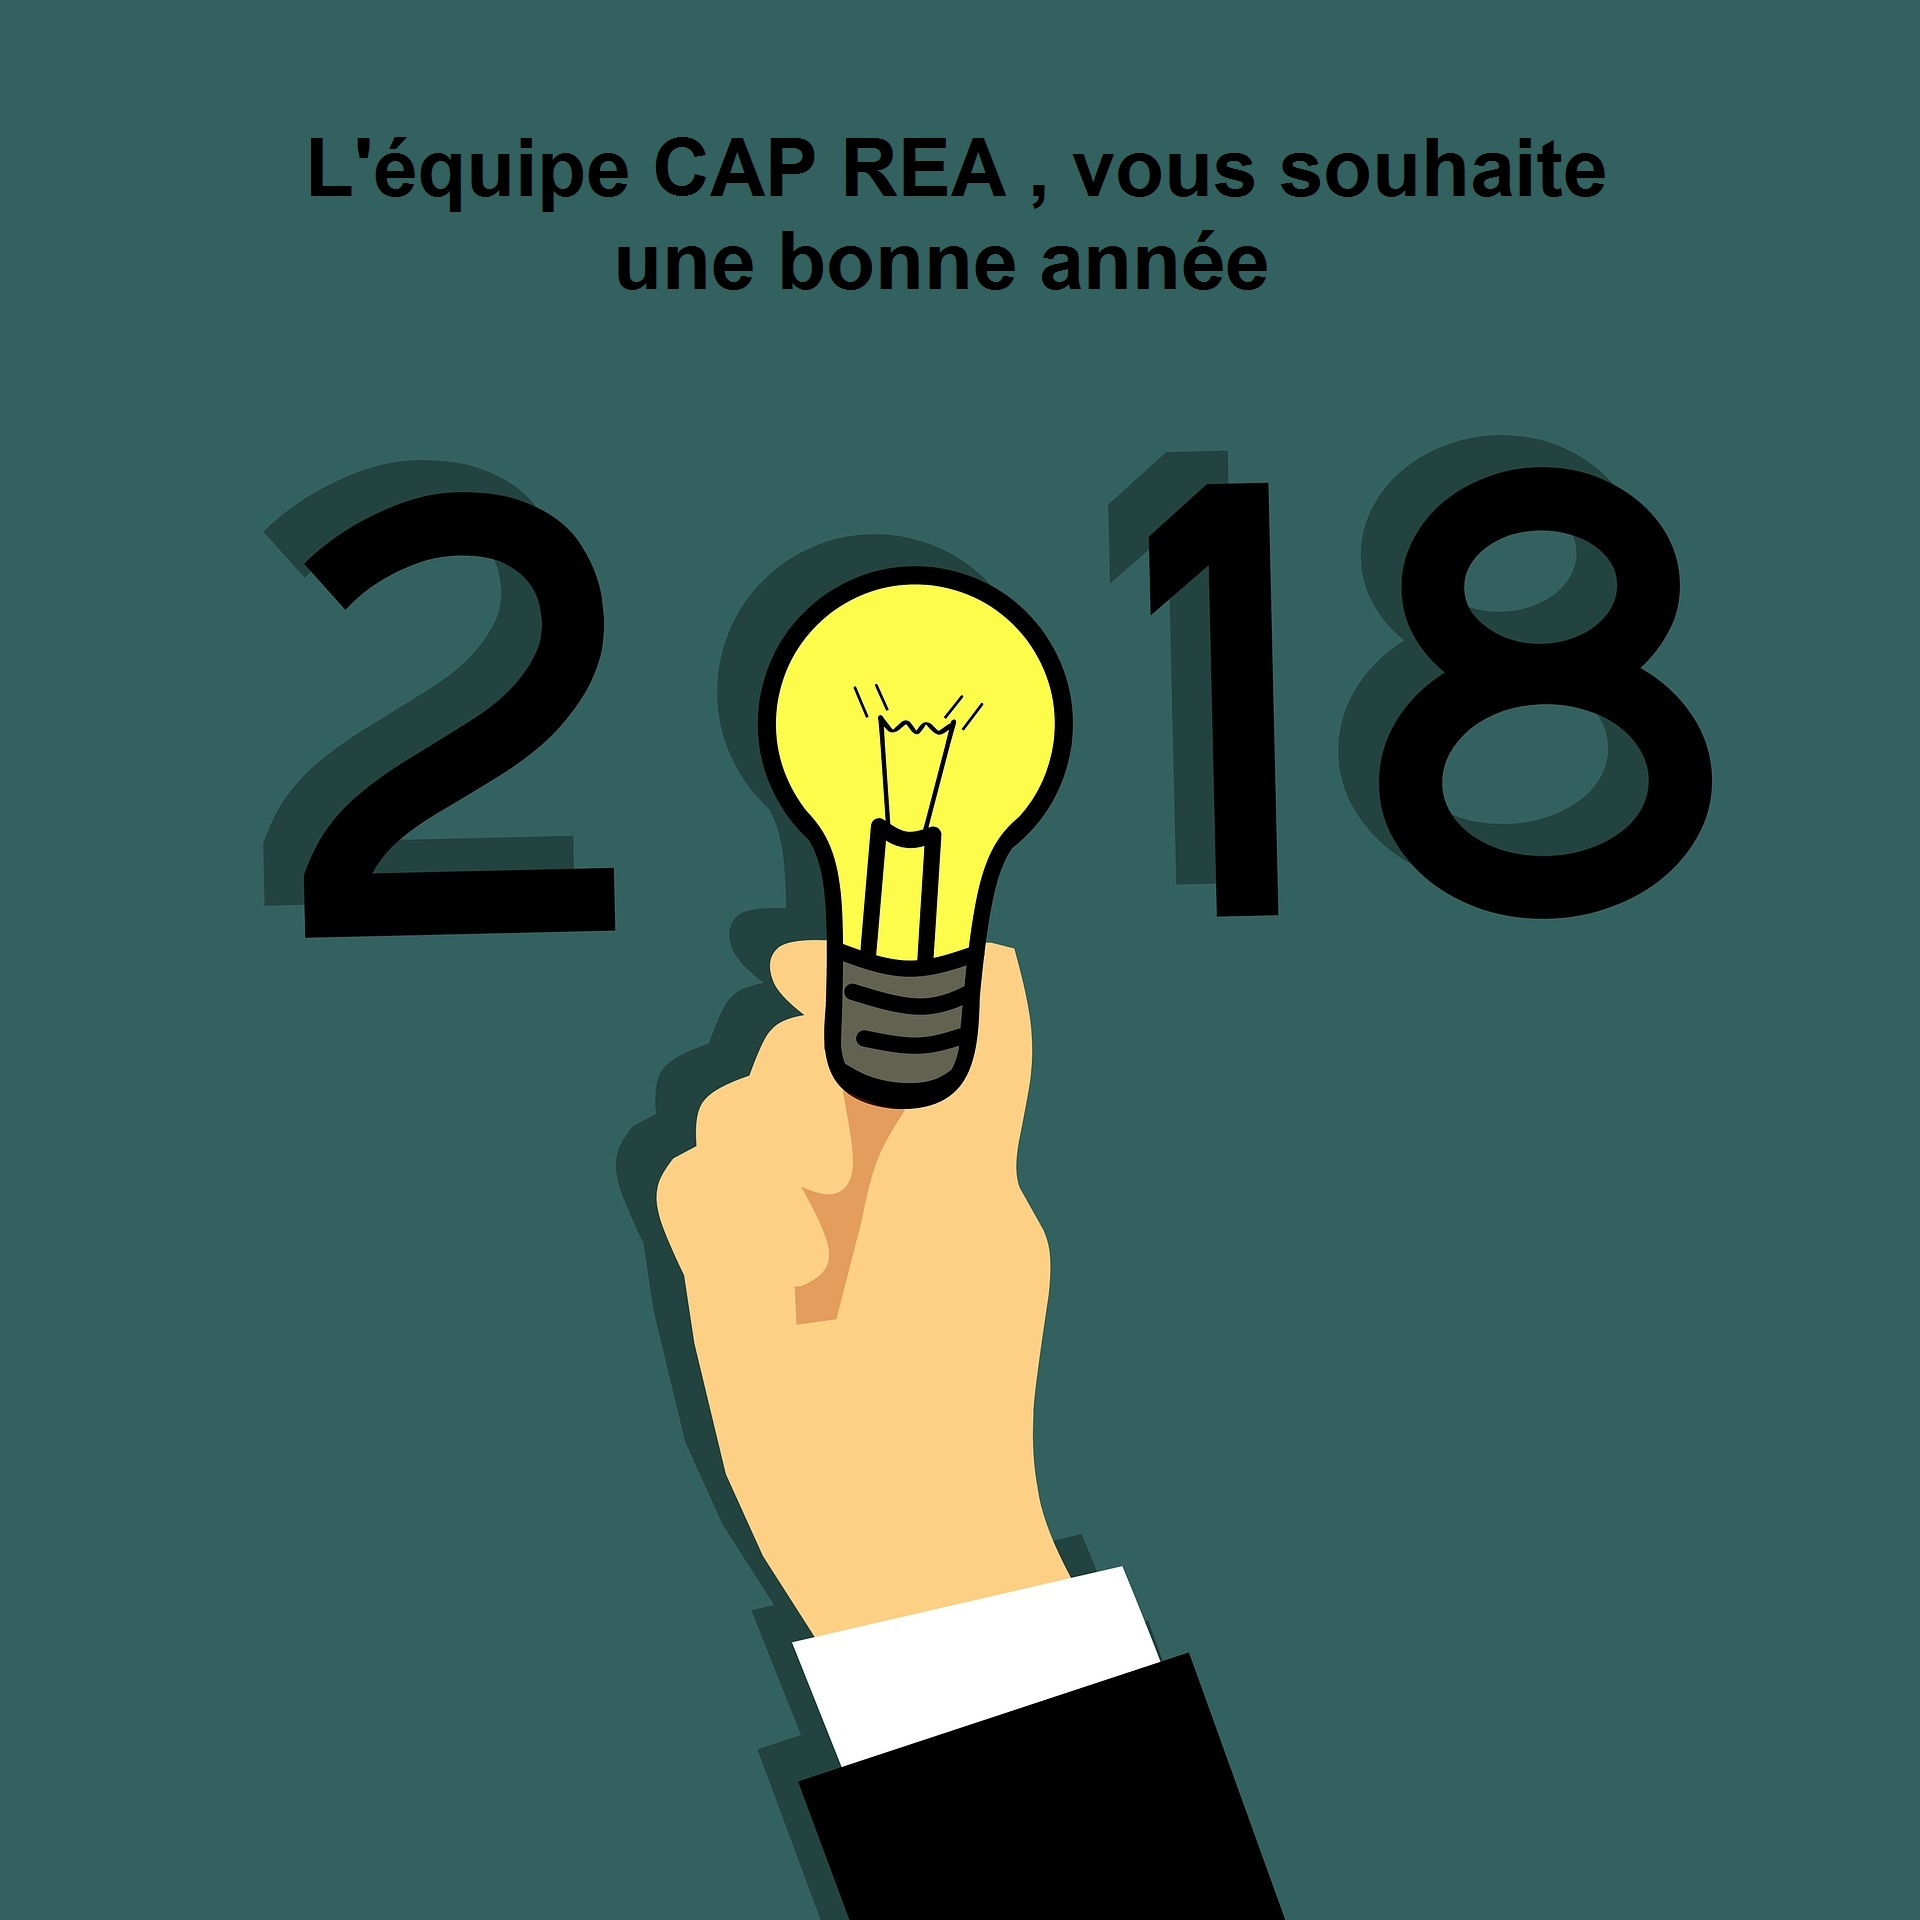 La sarl CAP REA, vous remercie de votre confiance et vous présente ses meilleurs vœux pour l'année 2018.